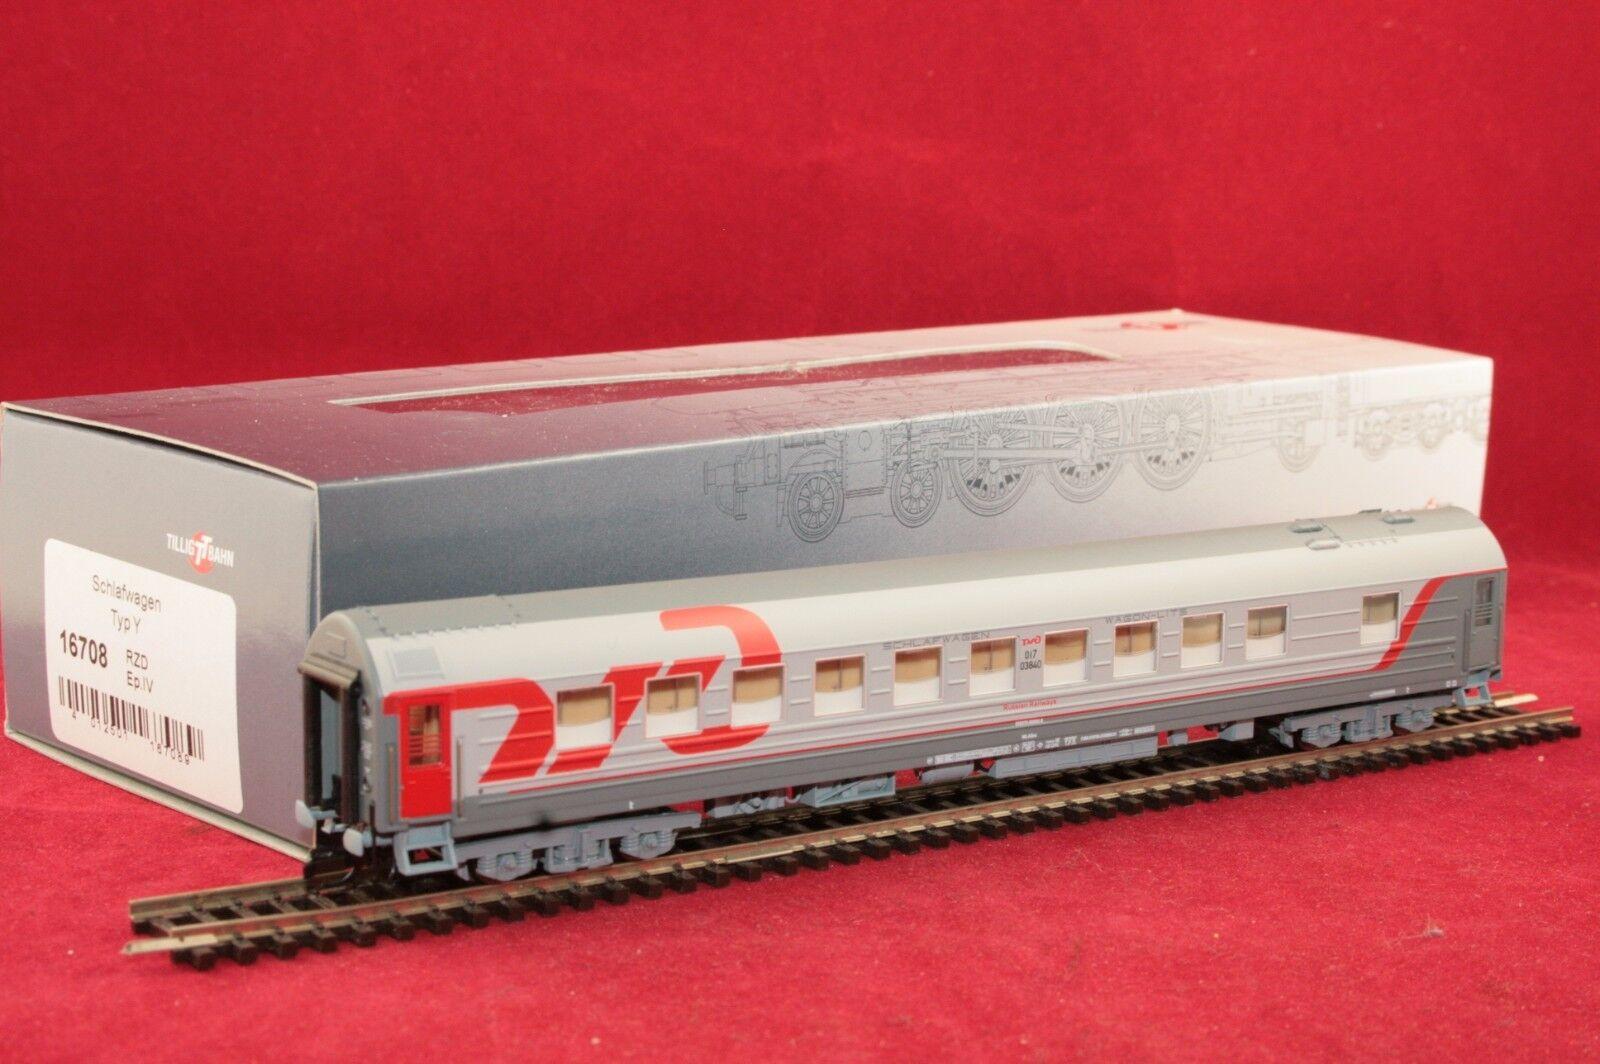 Tillig TT 16708 RZD vagone letto in grigio/rosso con formatura /Nuovo/Scatola Originale